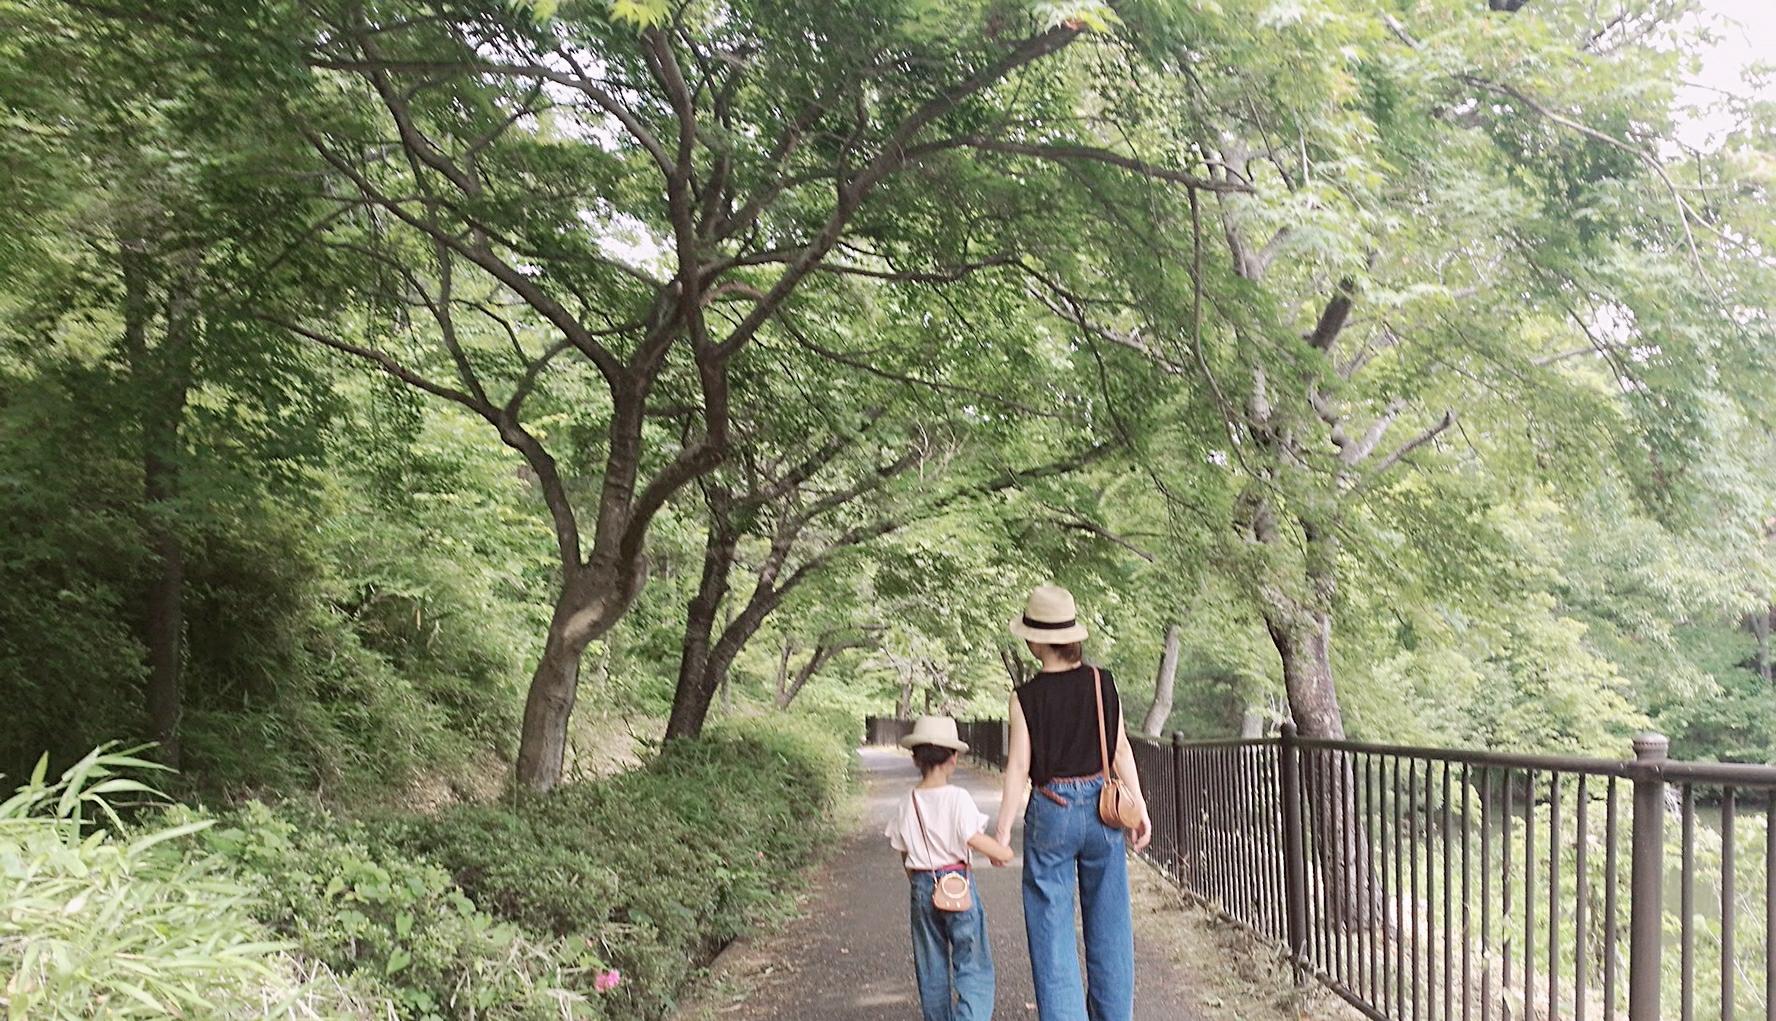 元カフェオーナーの姉と、すぼら主婦yukoのおうちカフェ事情☕😃🍒😃